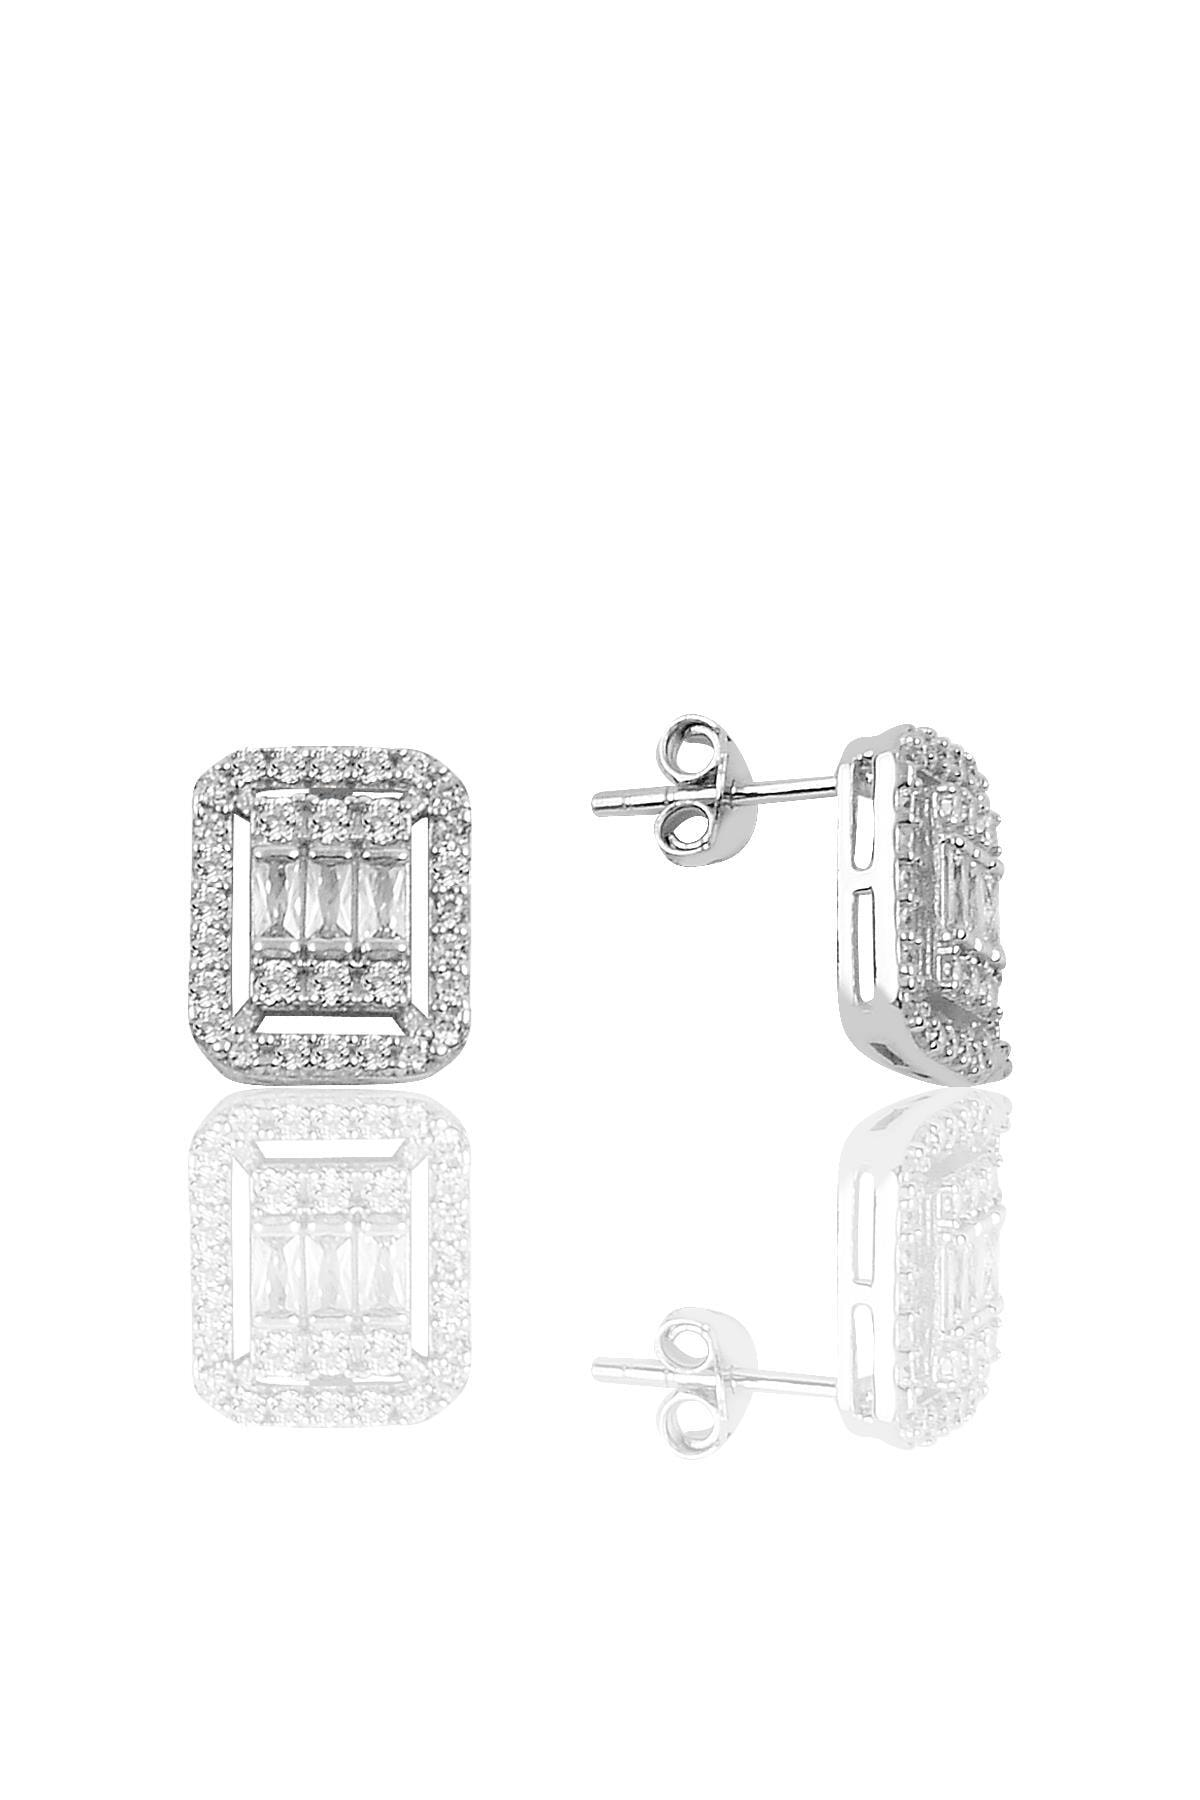 Söğütlü Silver Gümüş rodyumlu baget taşlı  kolye küpe ve bilezik  gümüş set 3